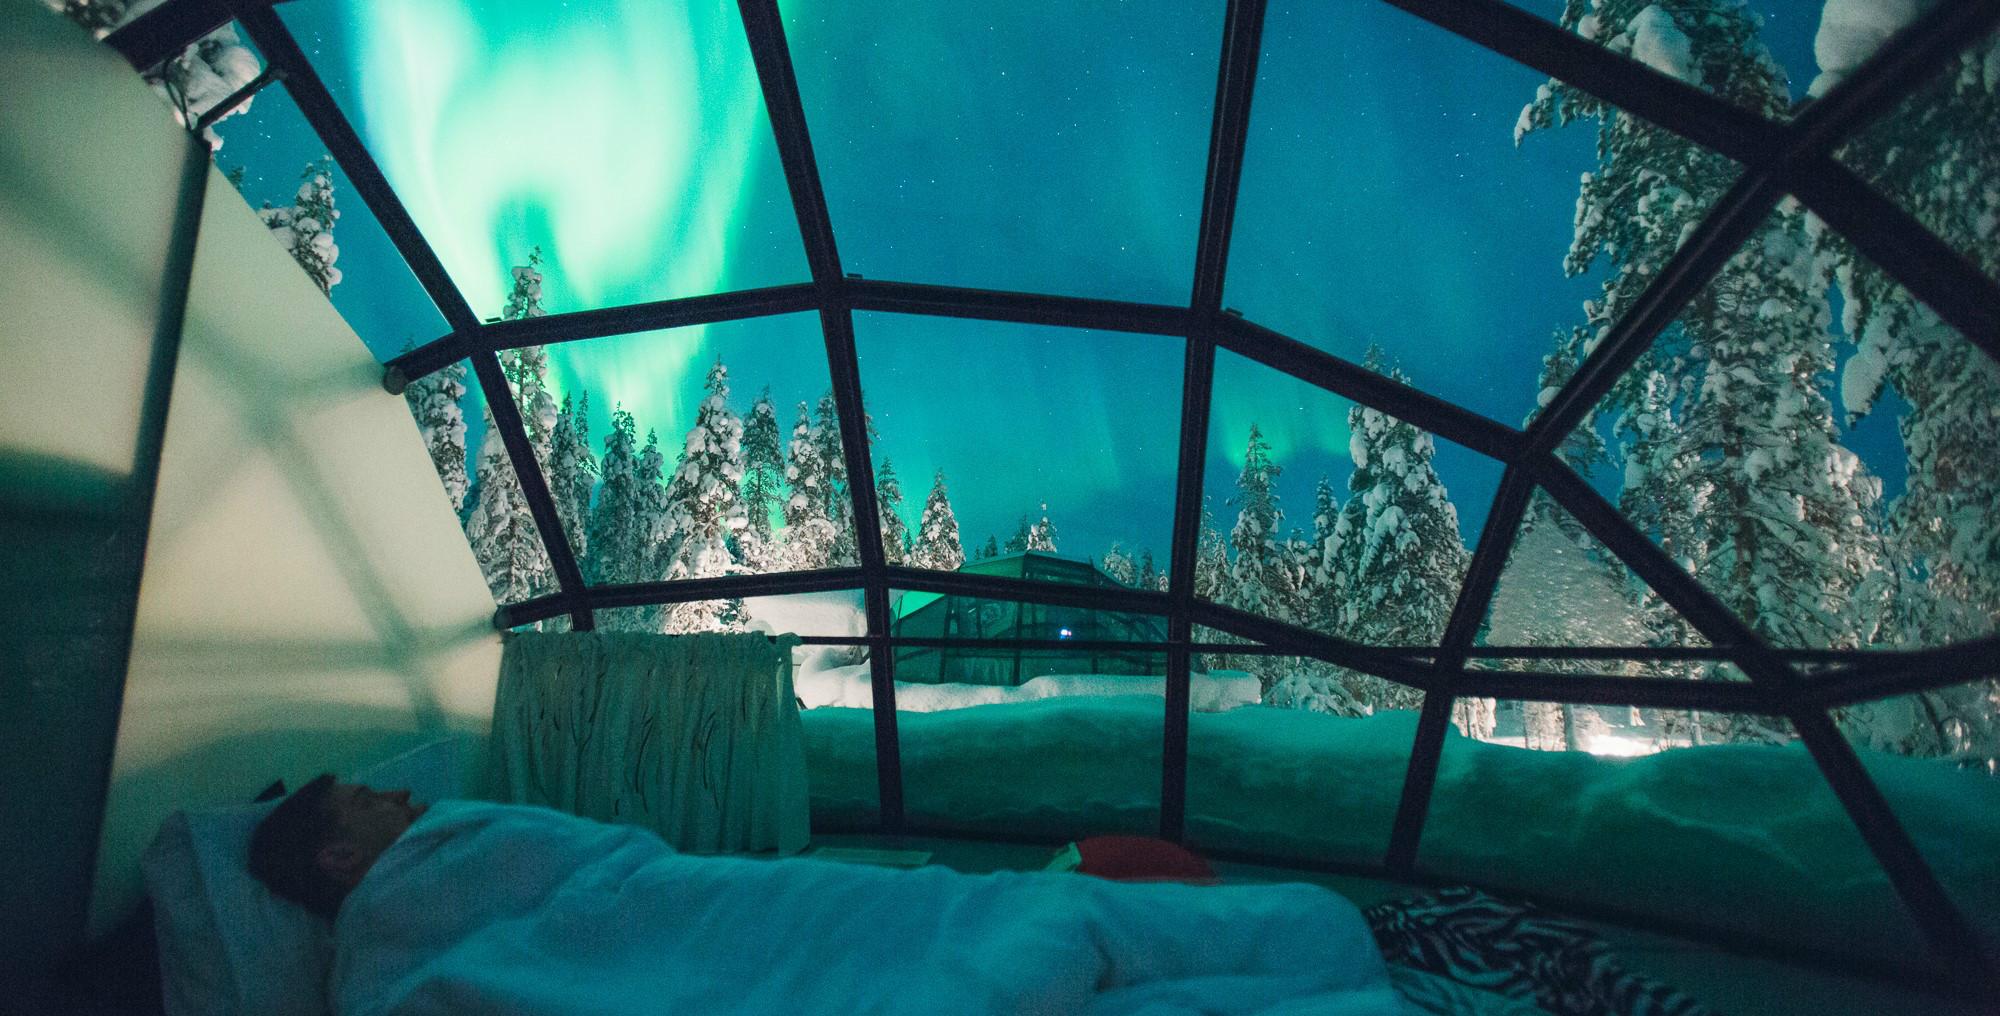 芬兰玻璃屋_北欧极光、玻璃屋私人订制旅行